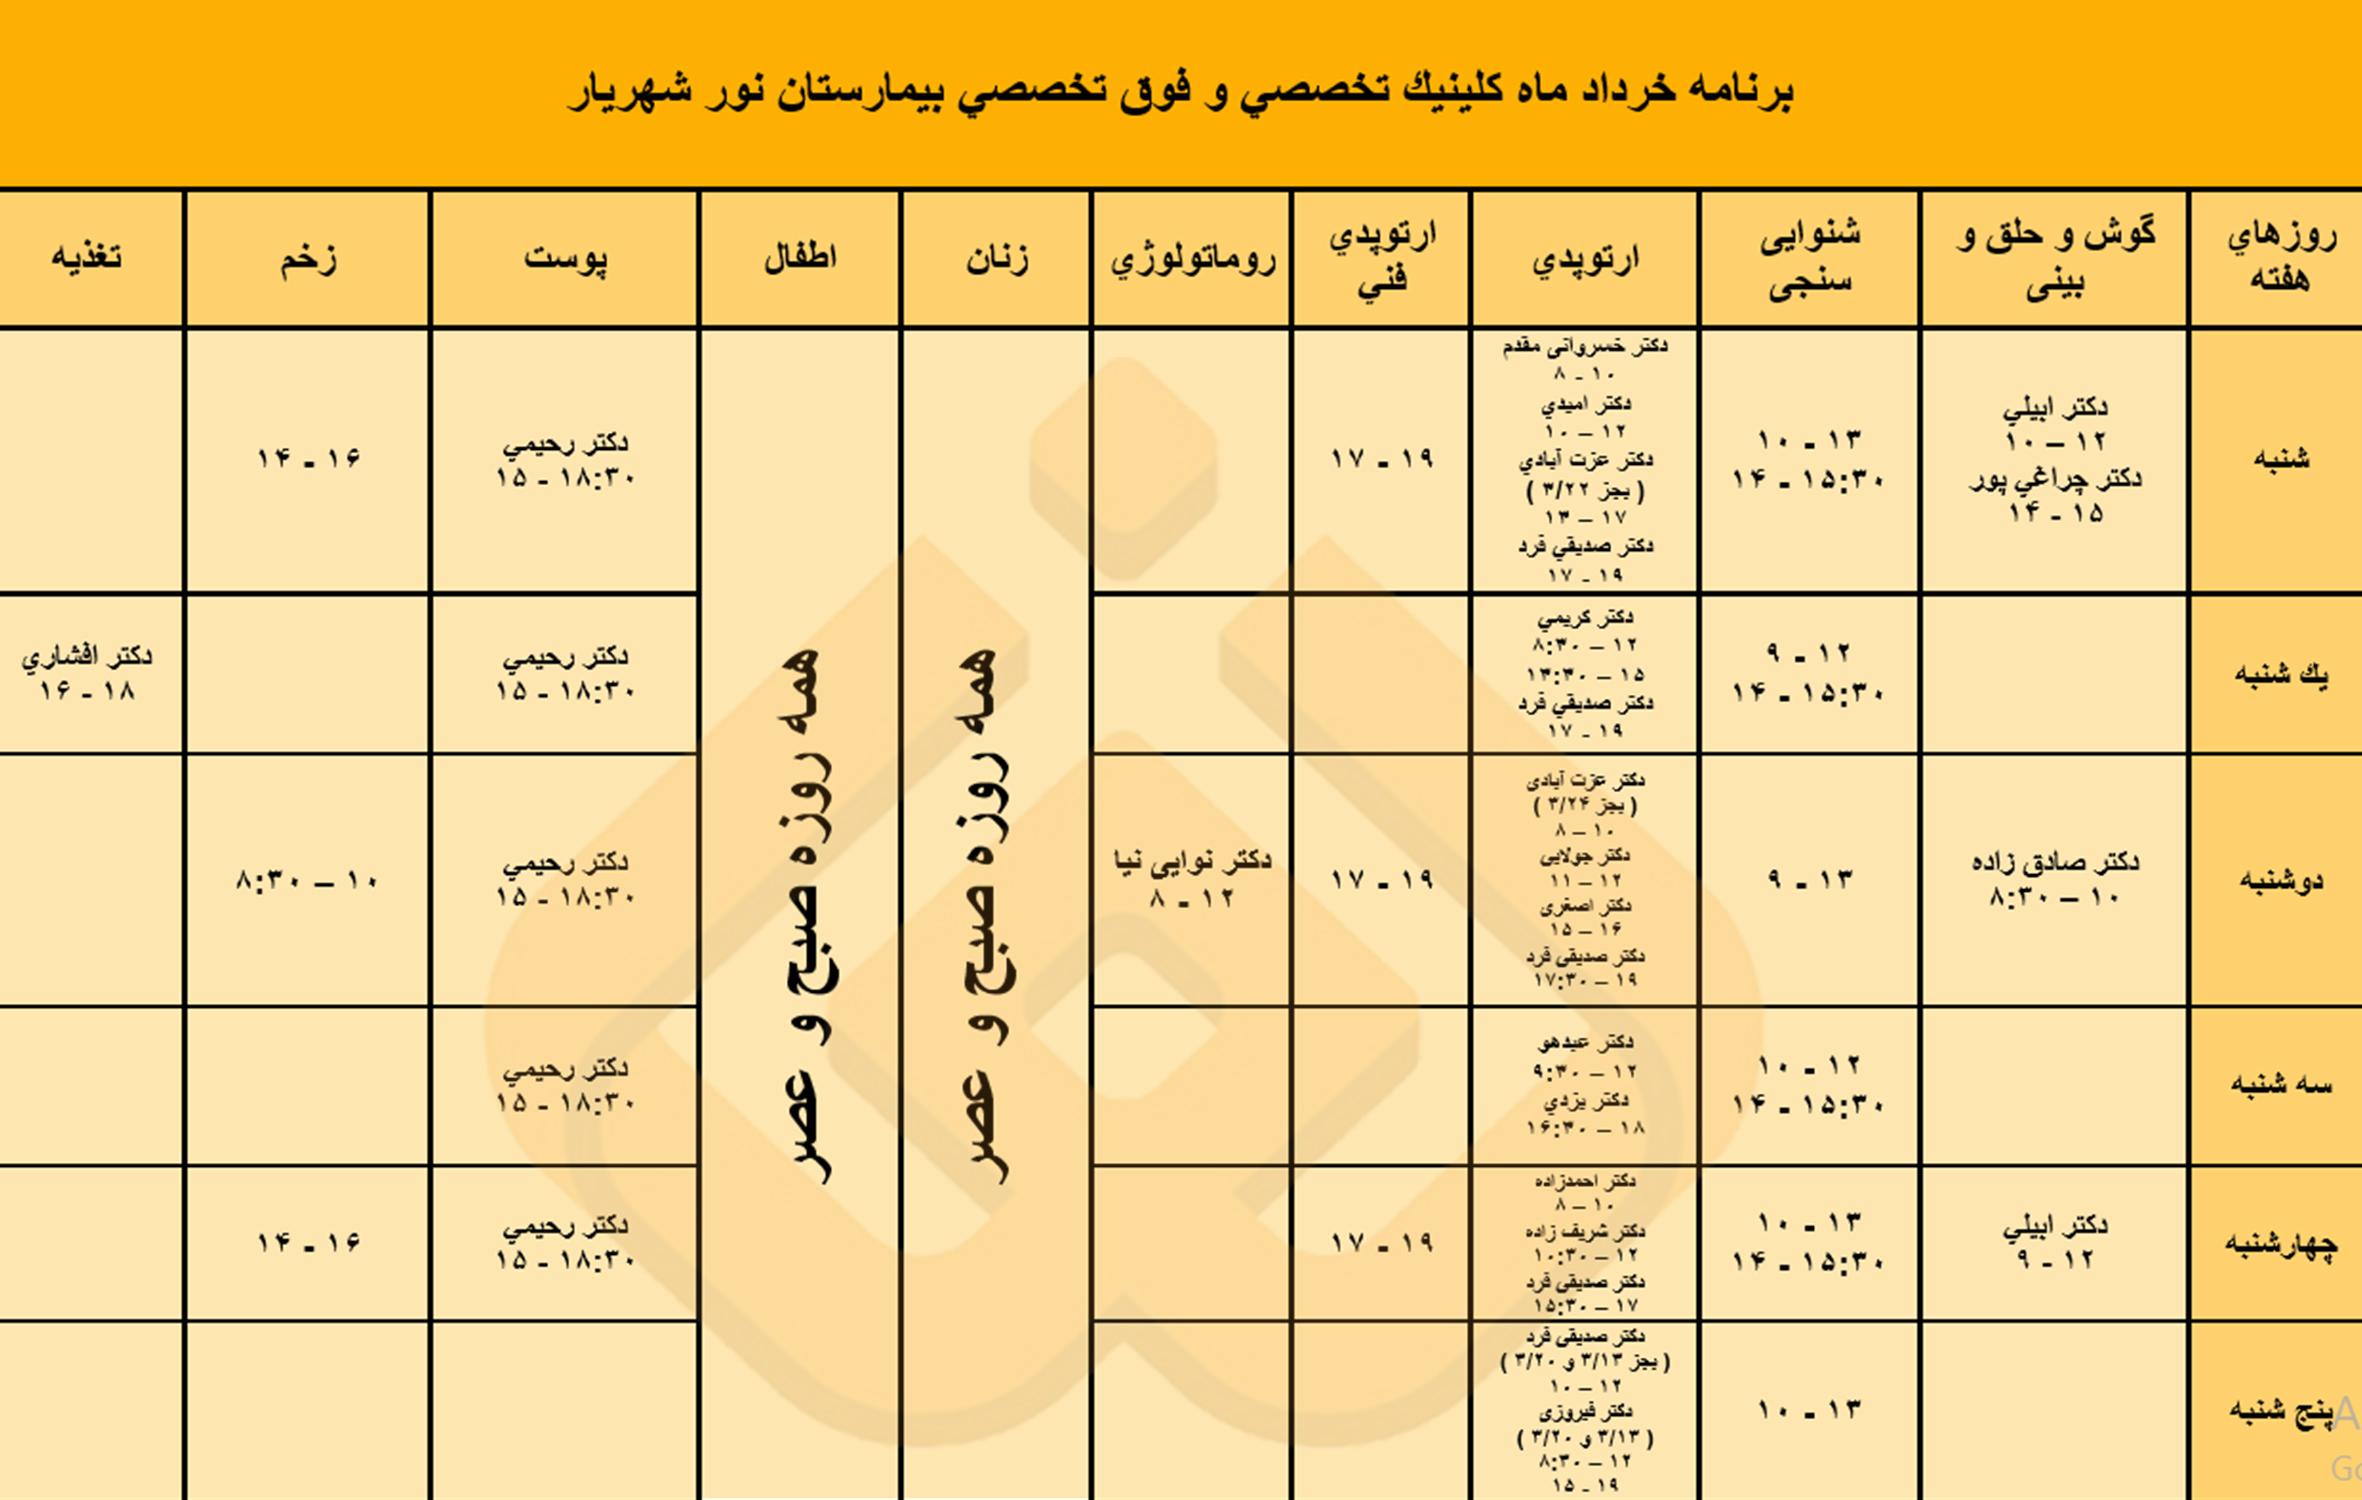 برنامه خرداد ماه کلینیک